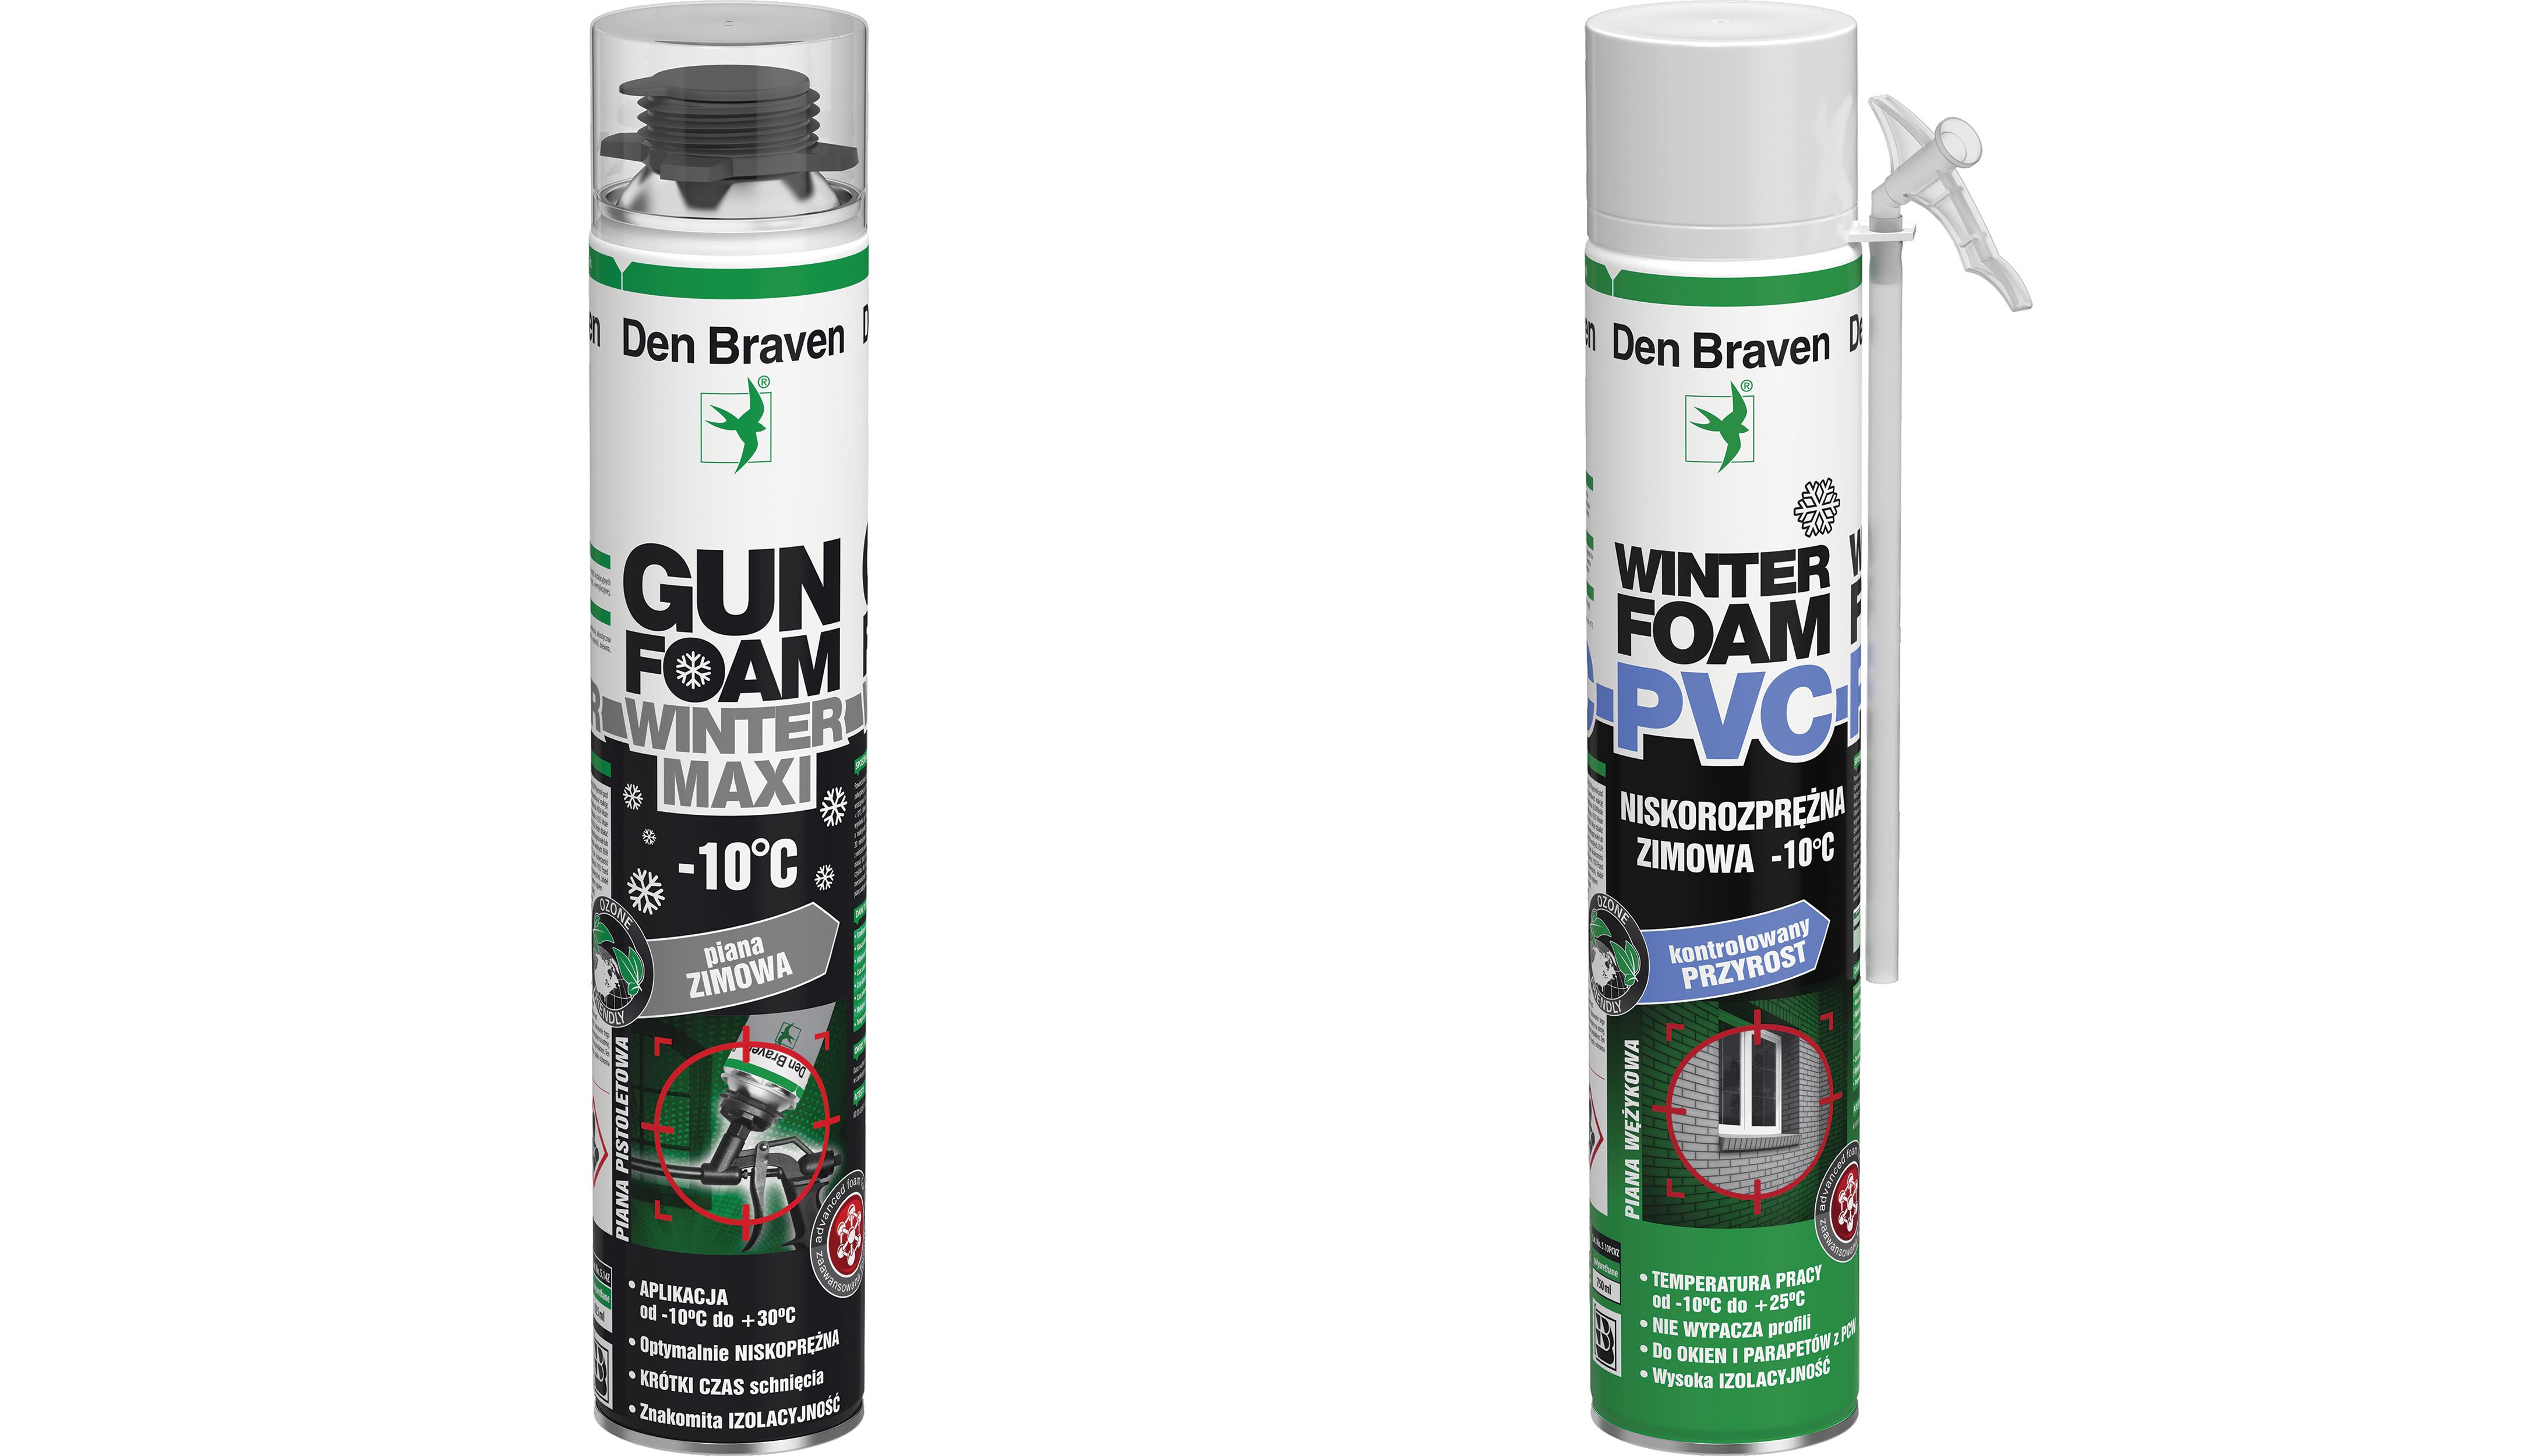 ZMIEŃ PIANY NA ZIMOWE – GUN FOAM WINTER I WINTER FOAM PVC MARKI DEN BRAVEN